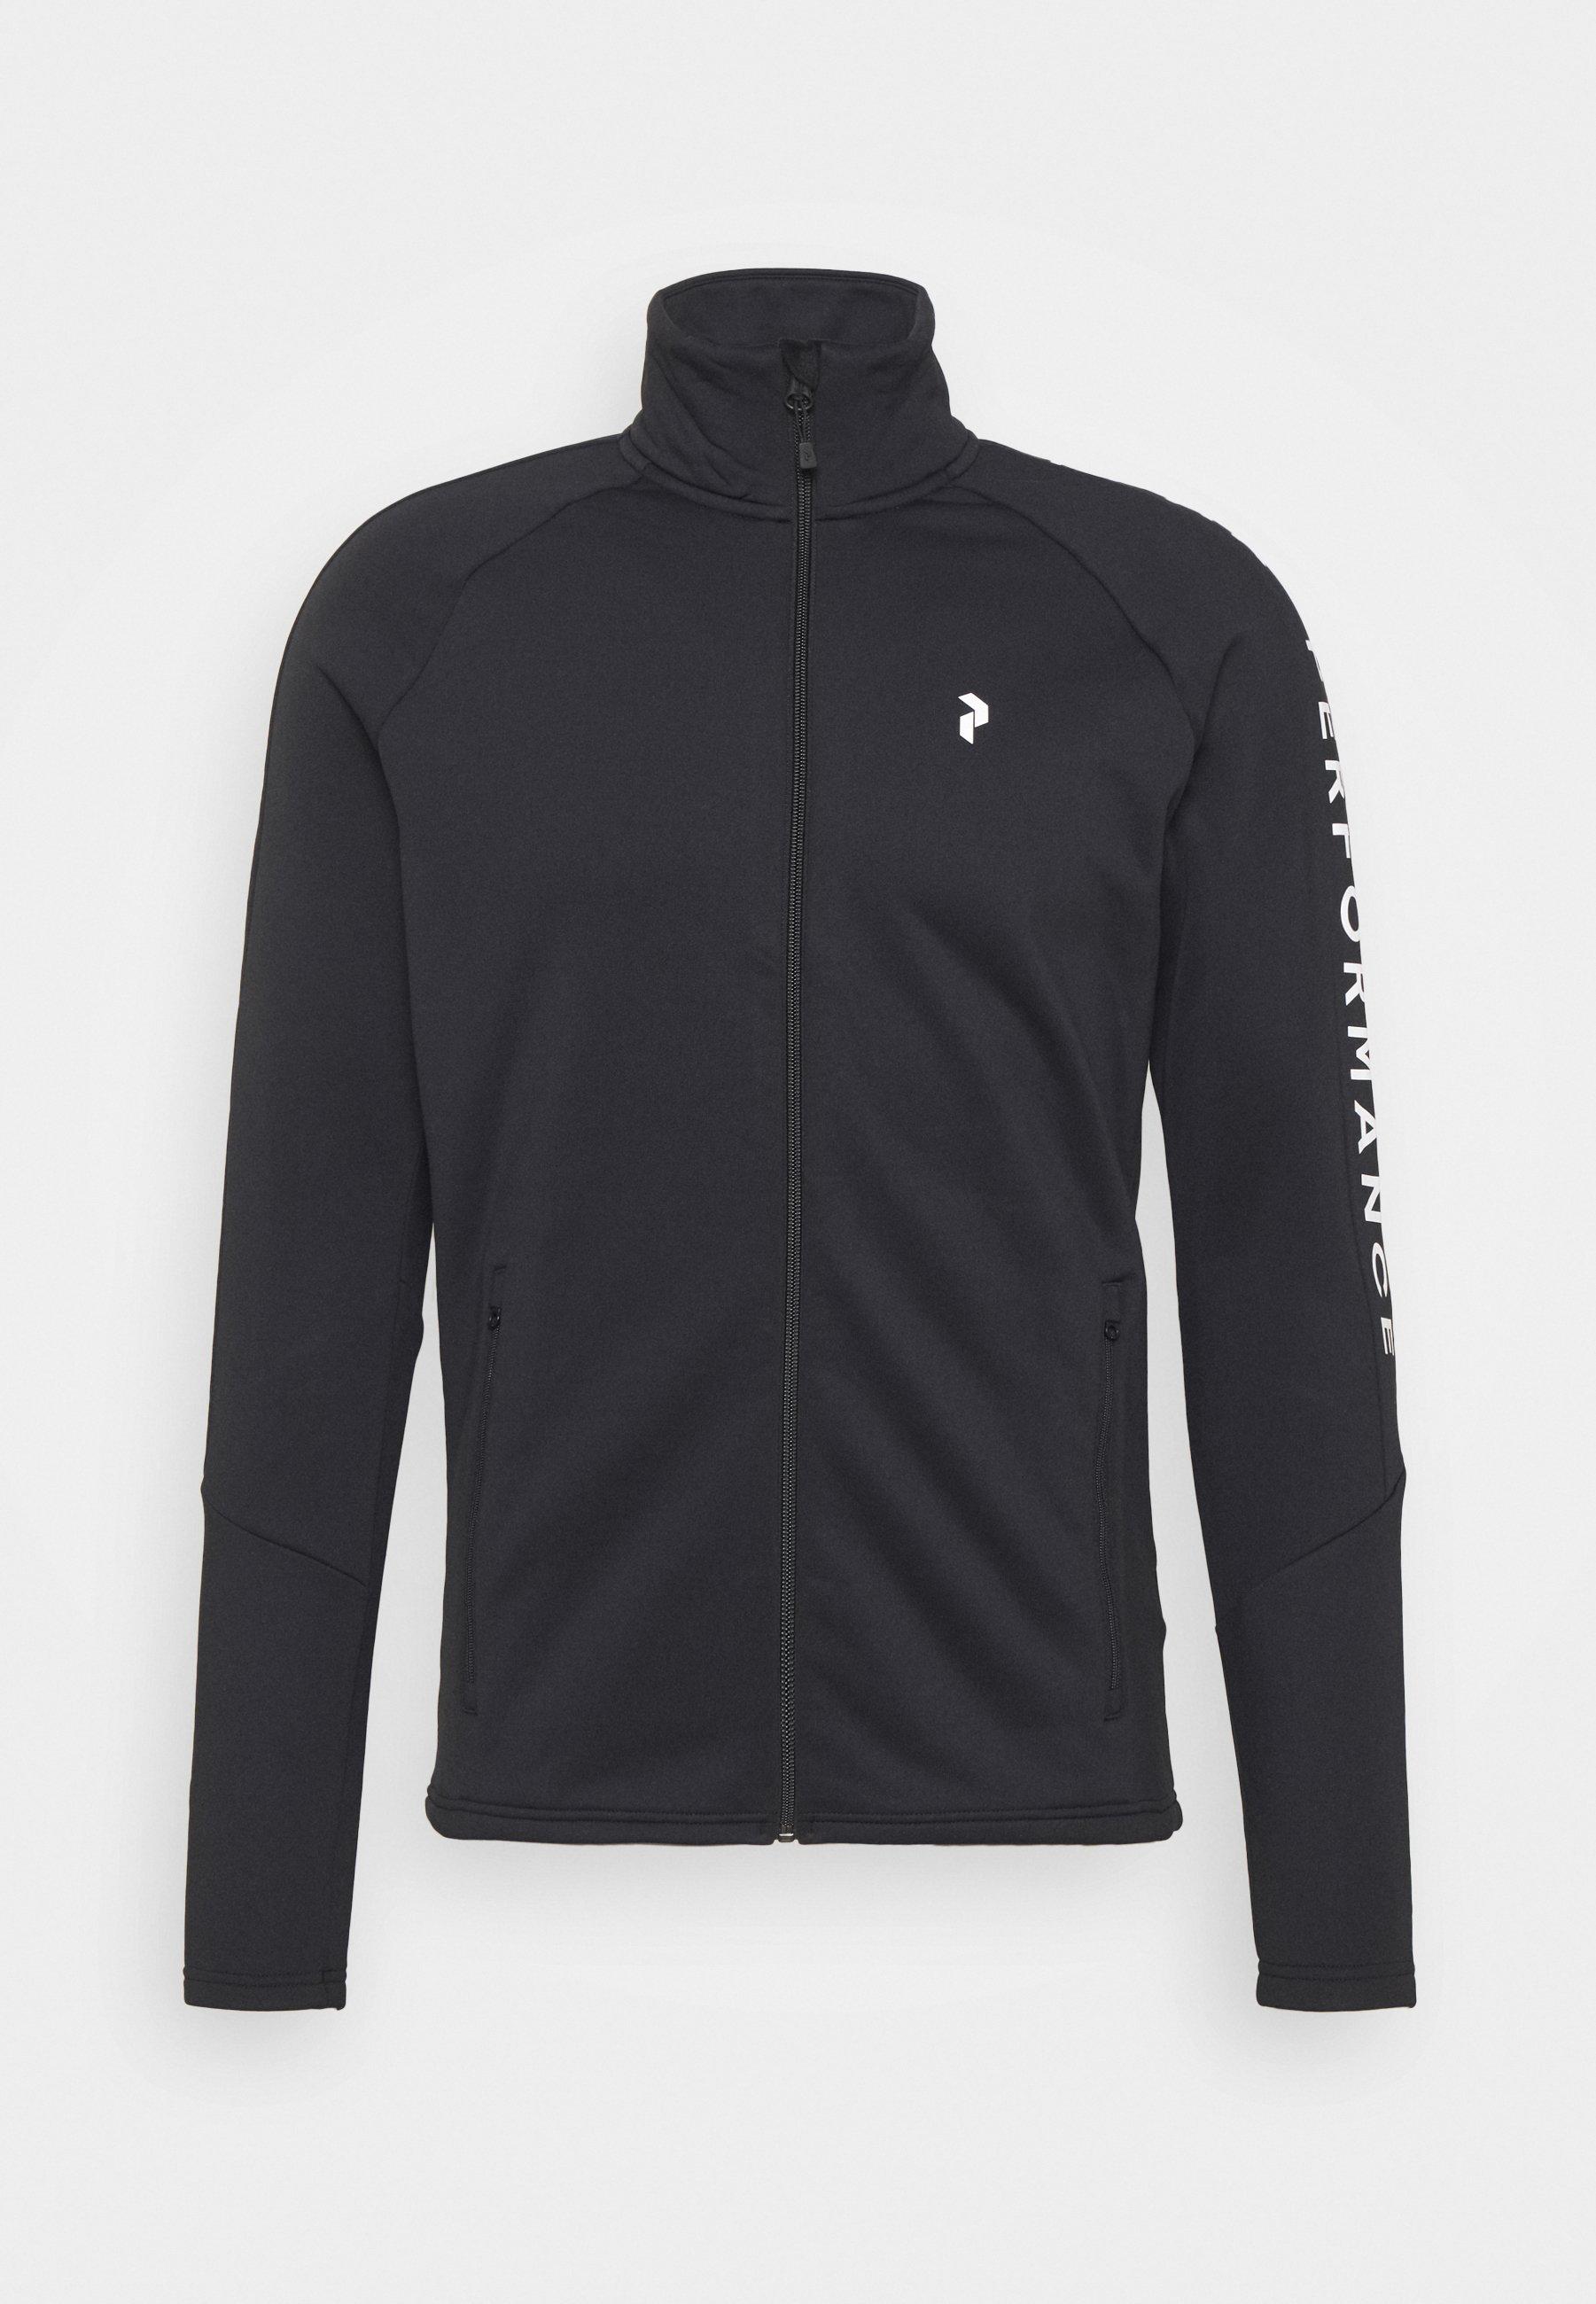 Men RIDER ZIP JACKET - Fleece jacket